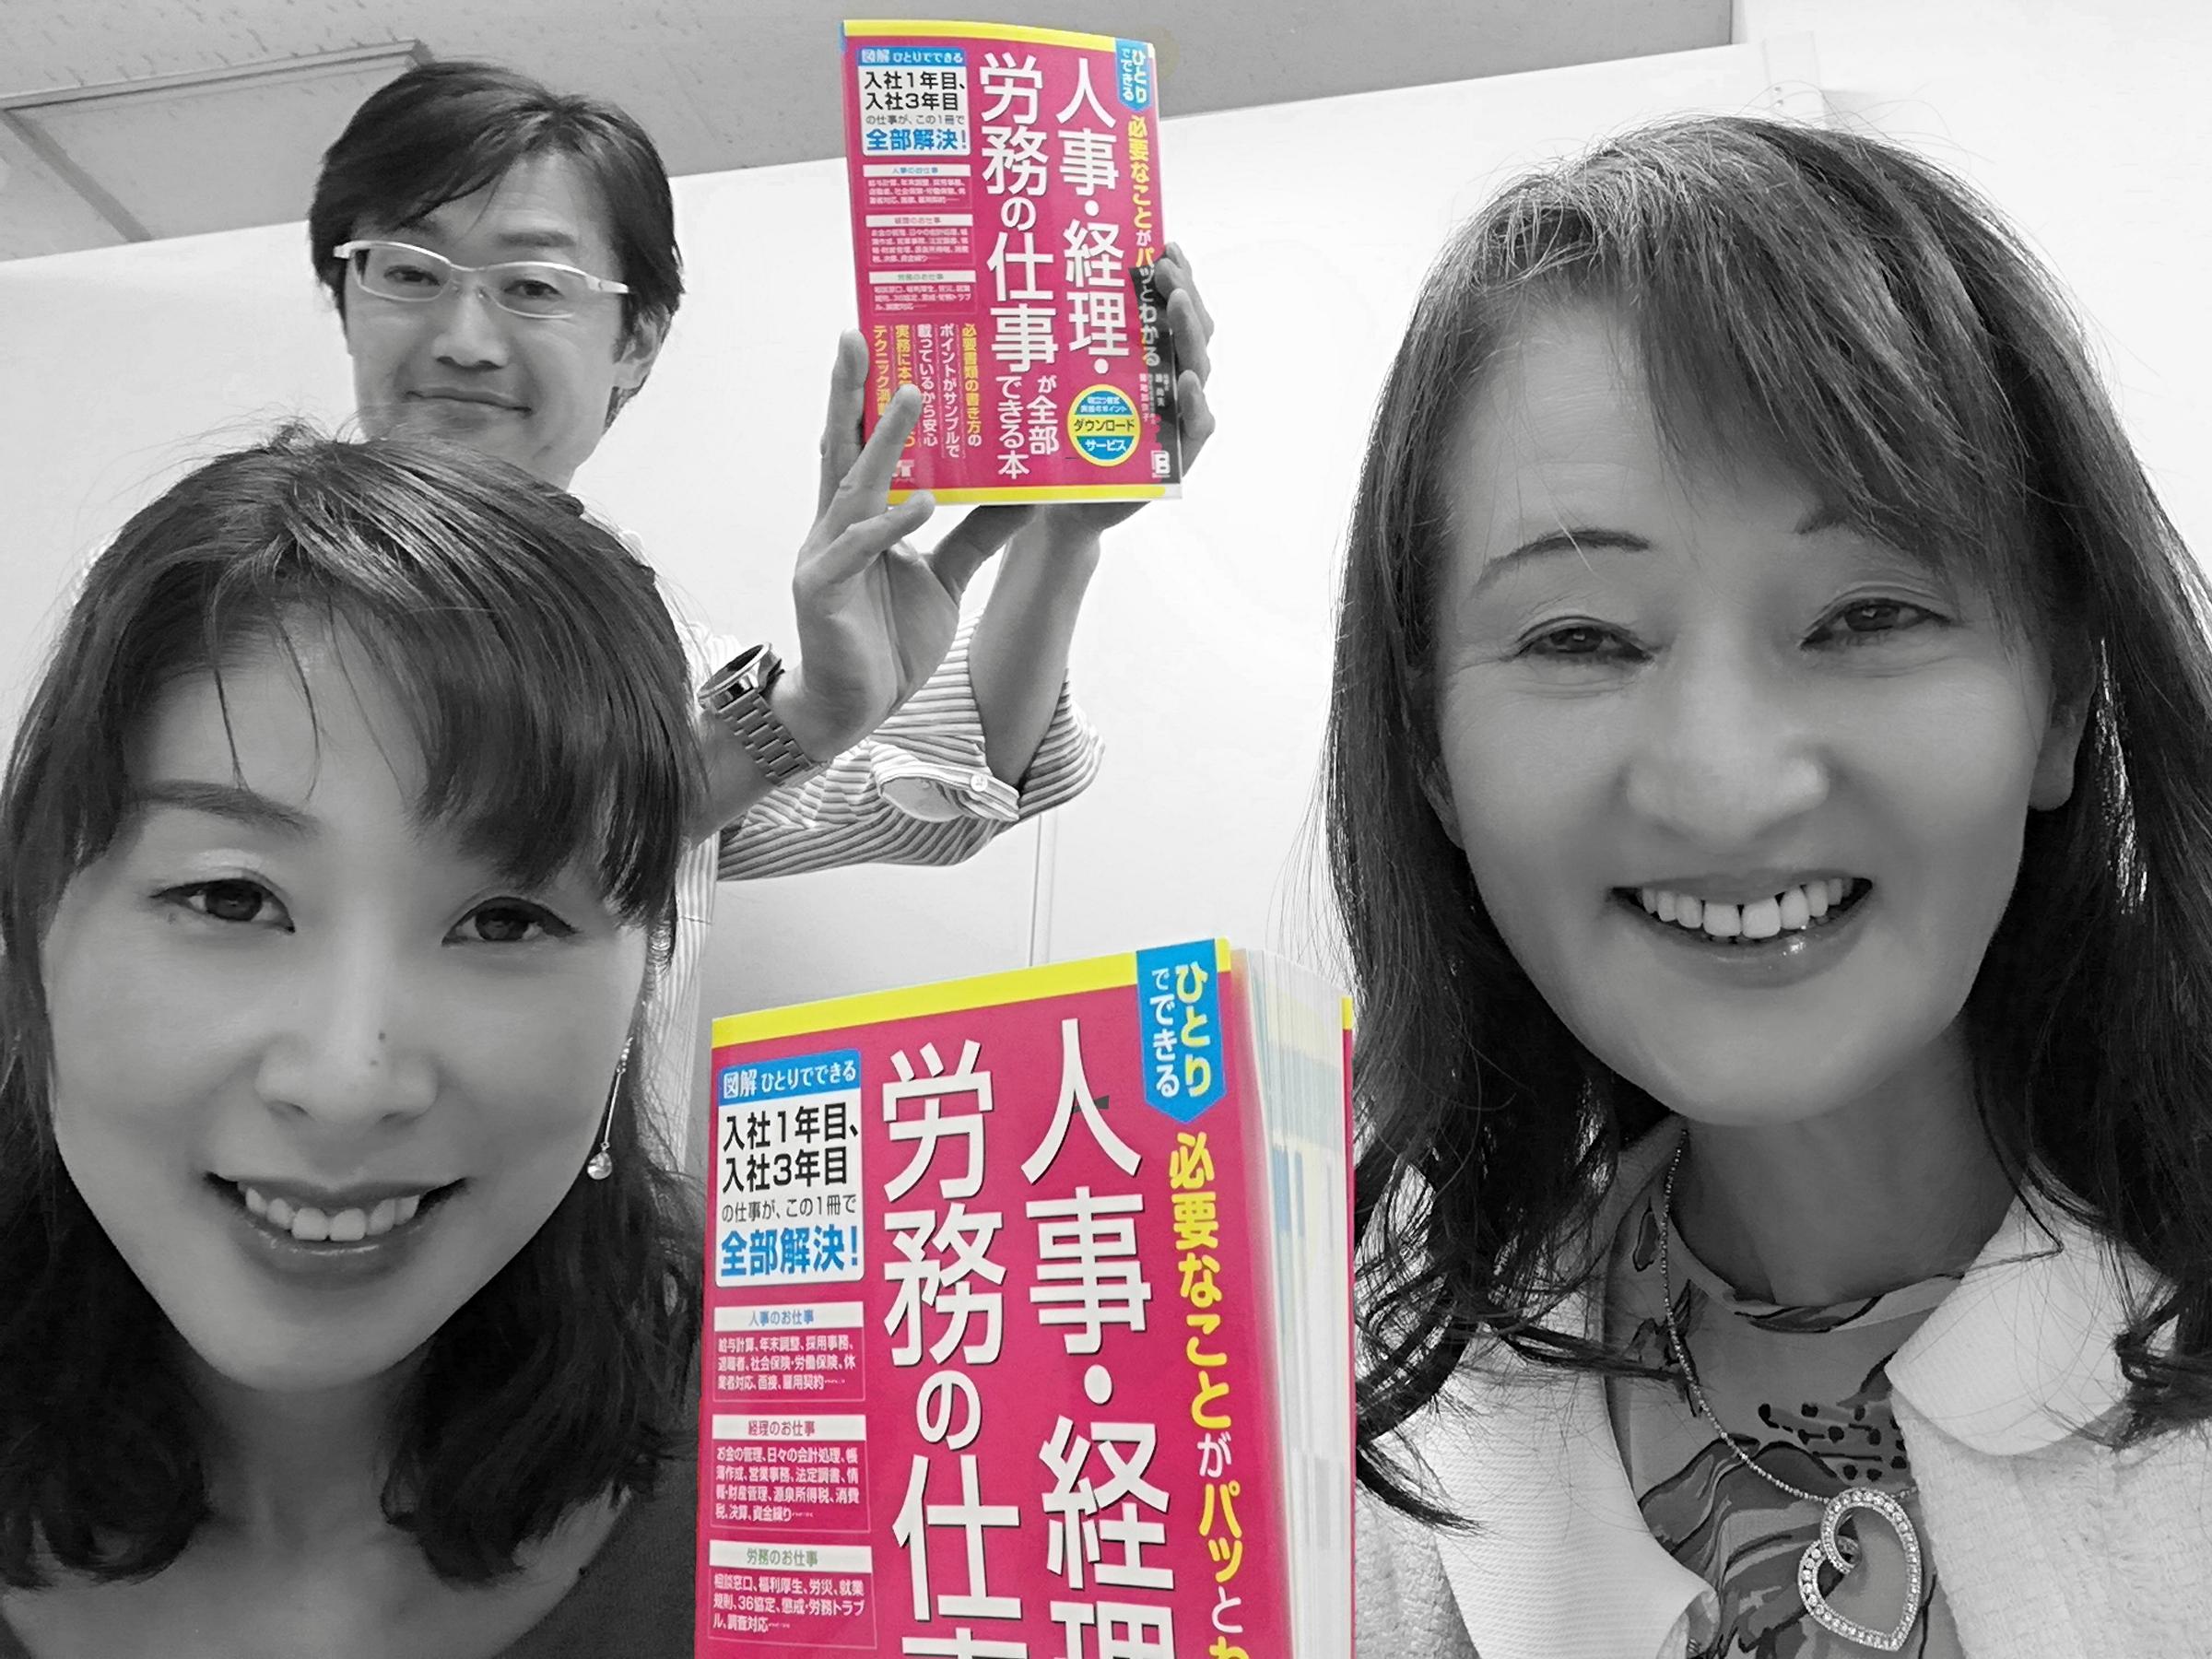 5年愛される本・福田清峰・原尚美・菊地加奈子・人事・経理・労務の仕事が全部できる本